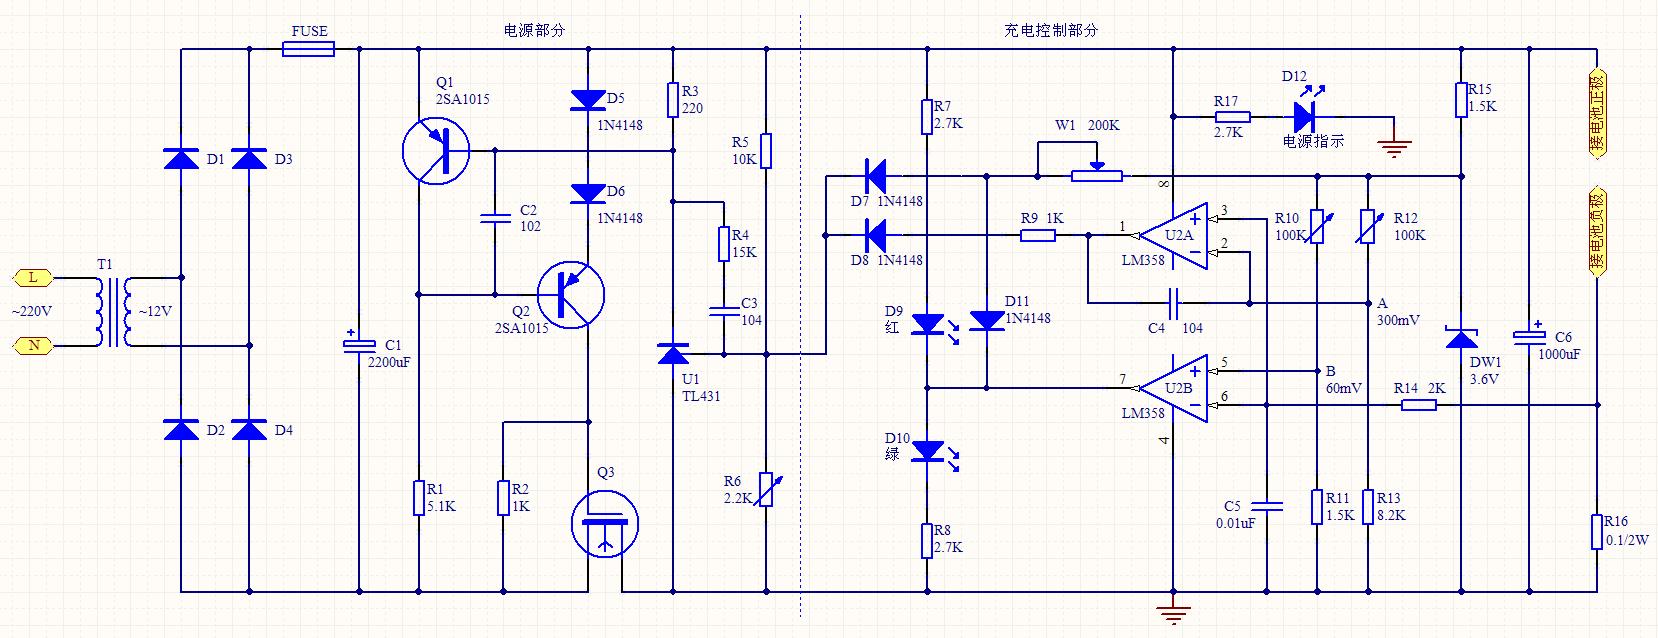 要充电器的电路倒是简单,就是制作挺麻烦的,再说用变压器做充电器太重